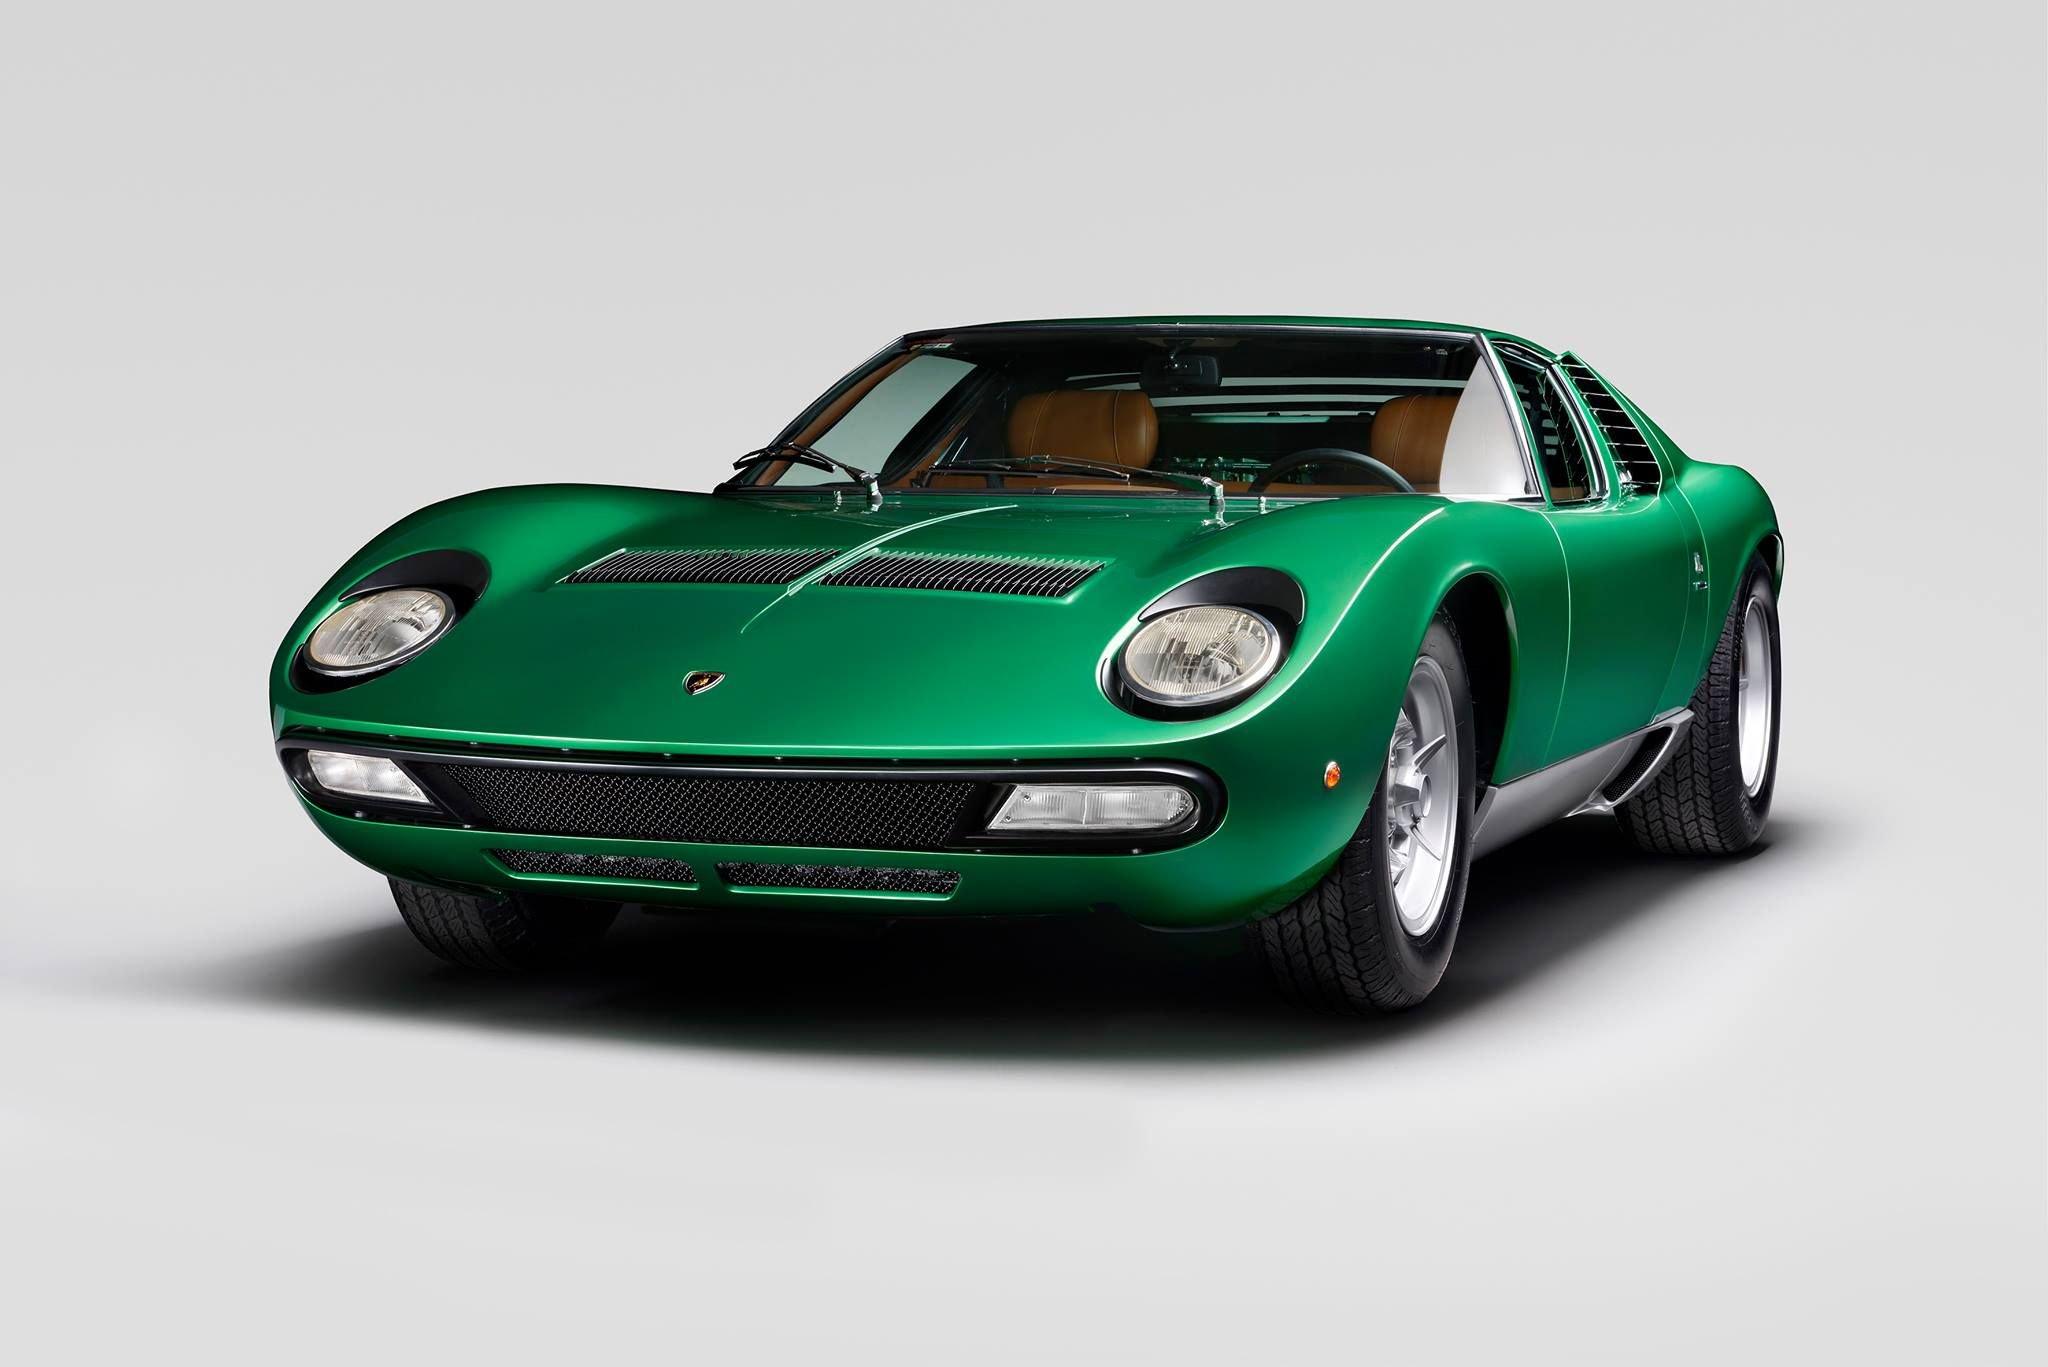 Lamborghini_Aventador_SV_Miura_SV_0008